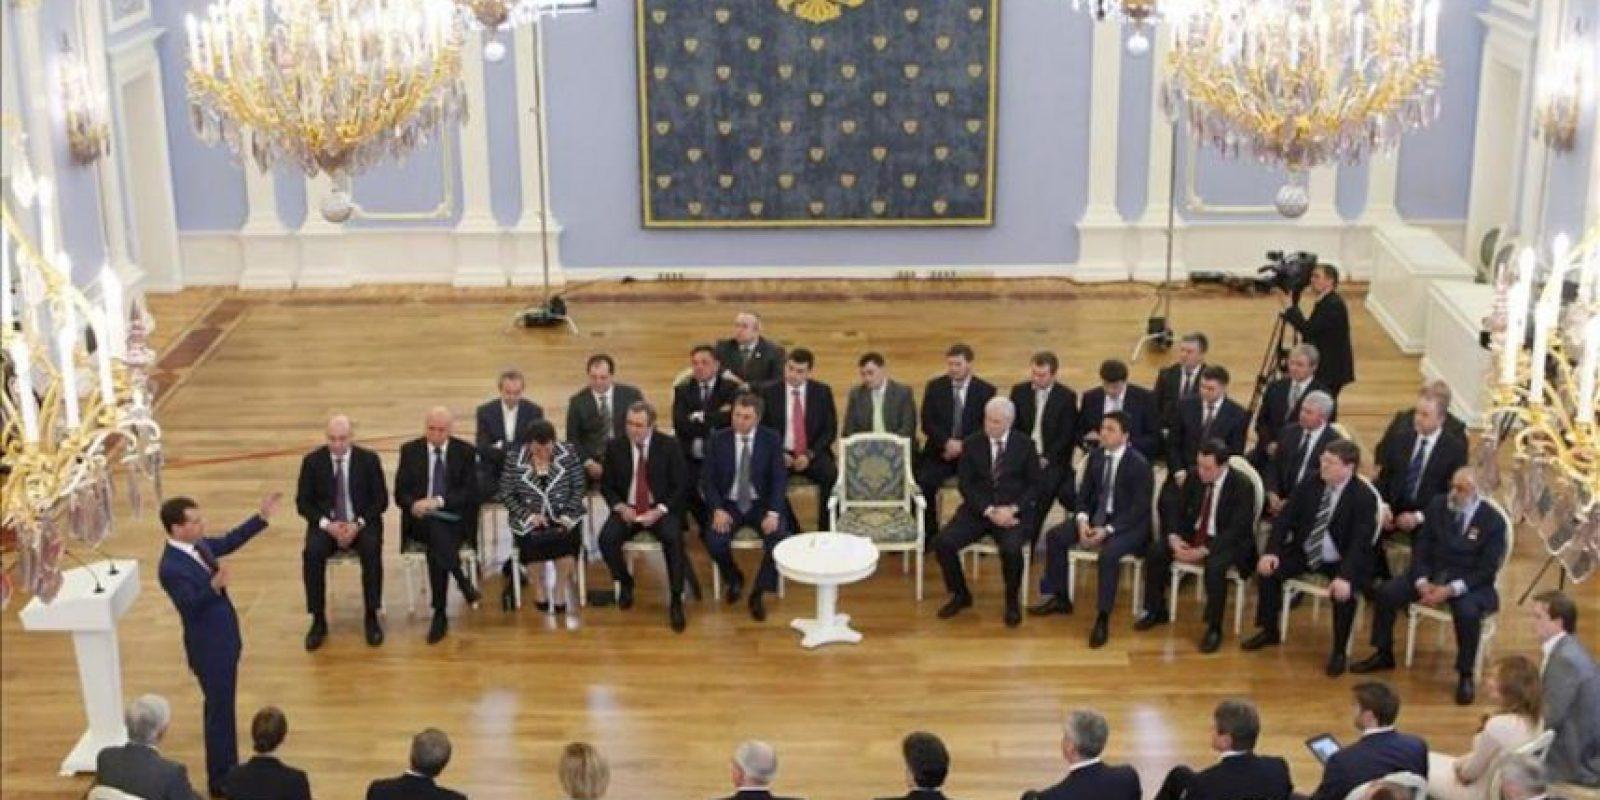 El presidente saliente y futuro primer ministro de Rusia, Dmitri Medvédev (i), interviene durante una reunión con los dirigentes de la formación oficialista Rusia Unida (RU), en Moscú (Rusia), el 27 de abril de 2012.EFE